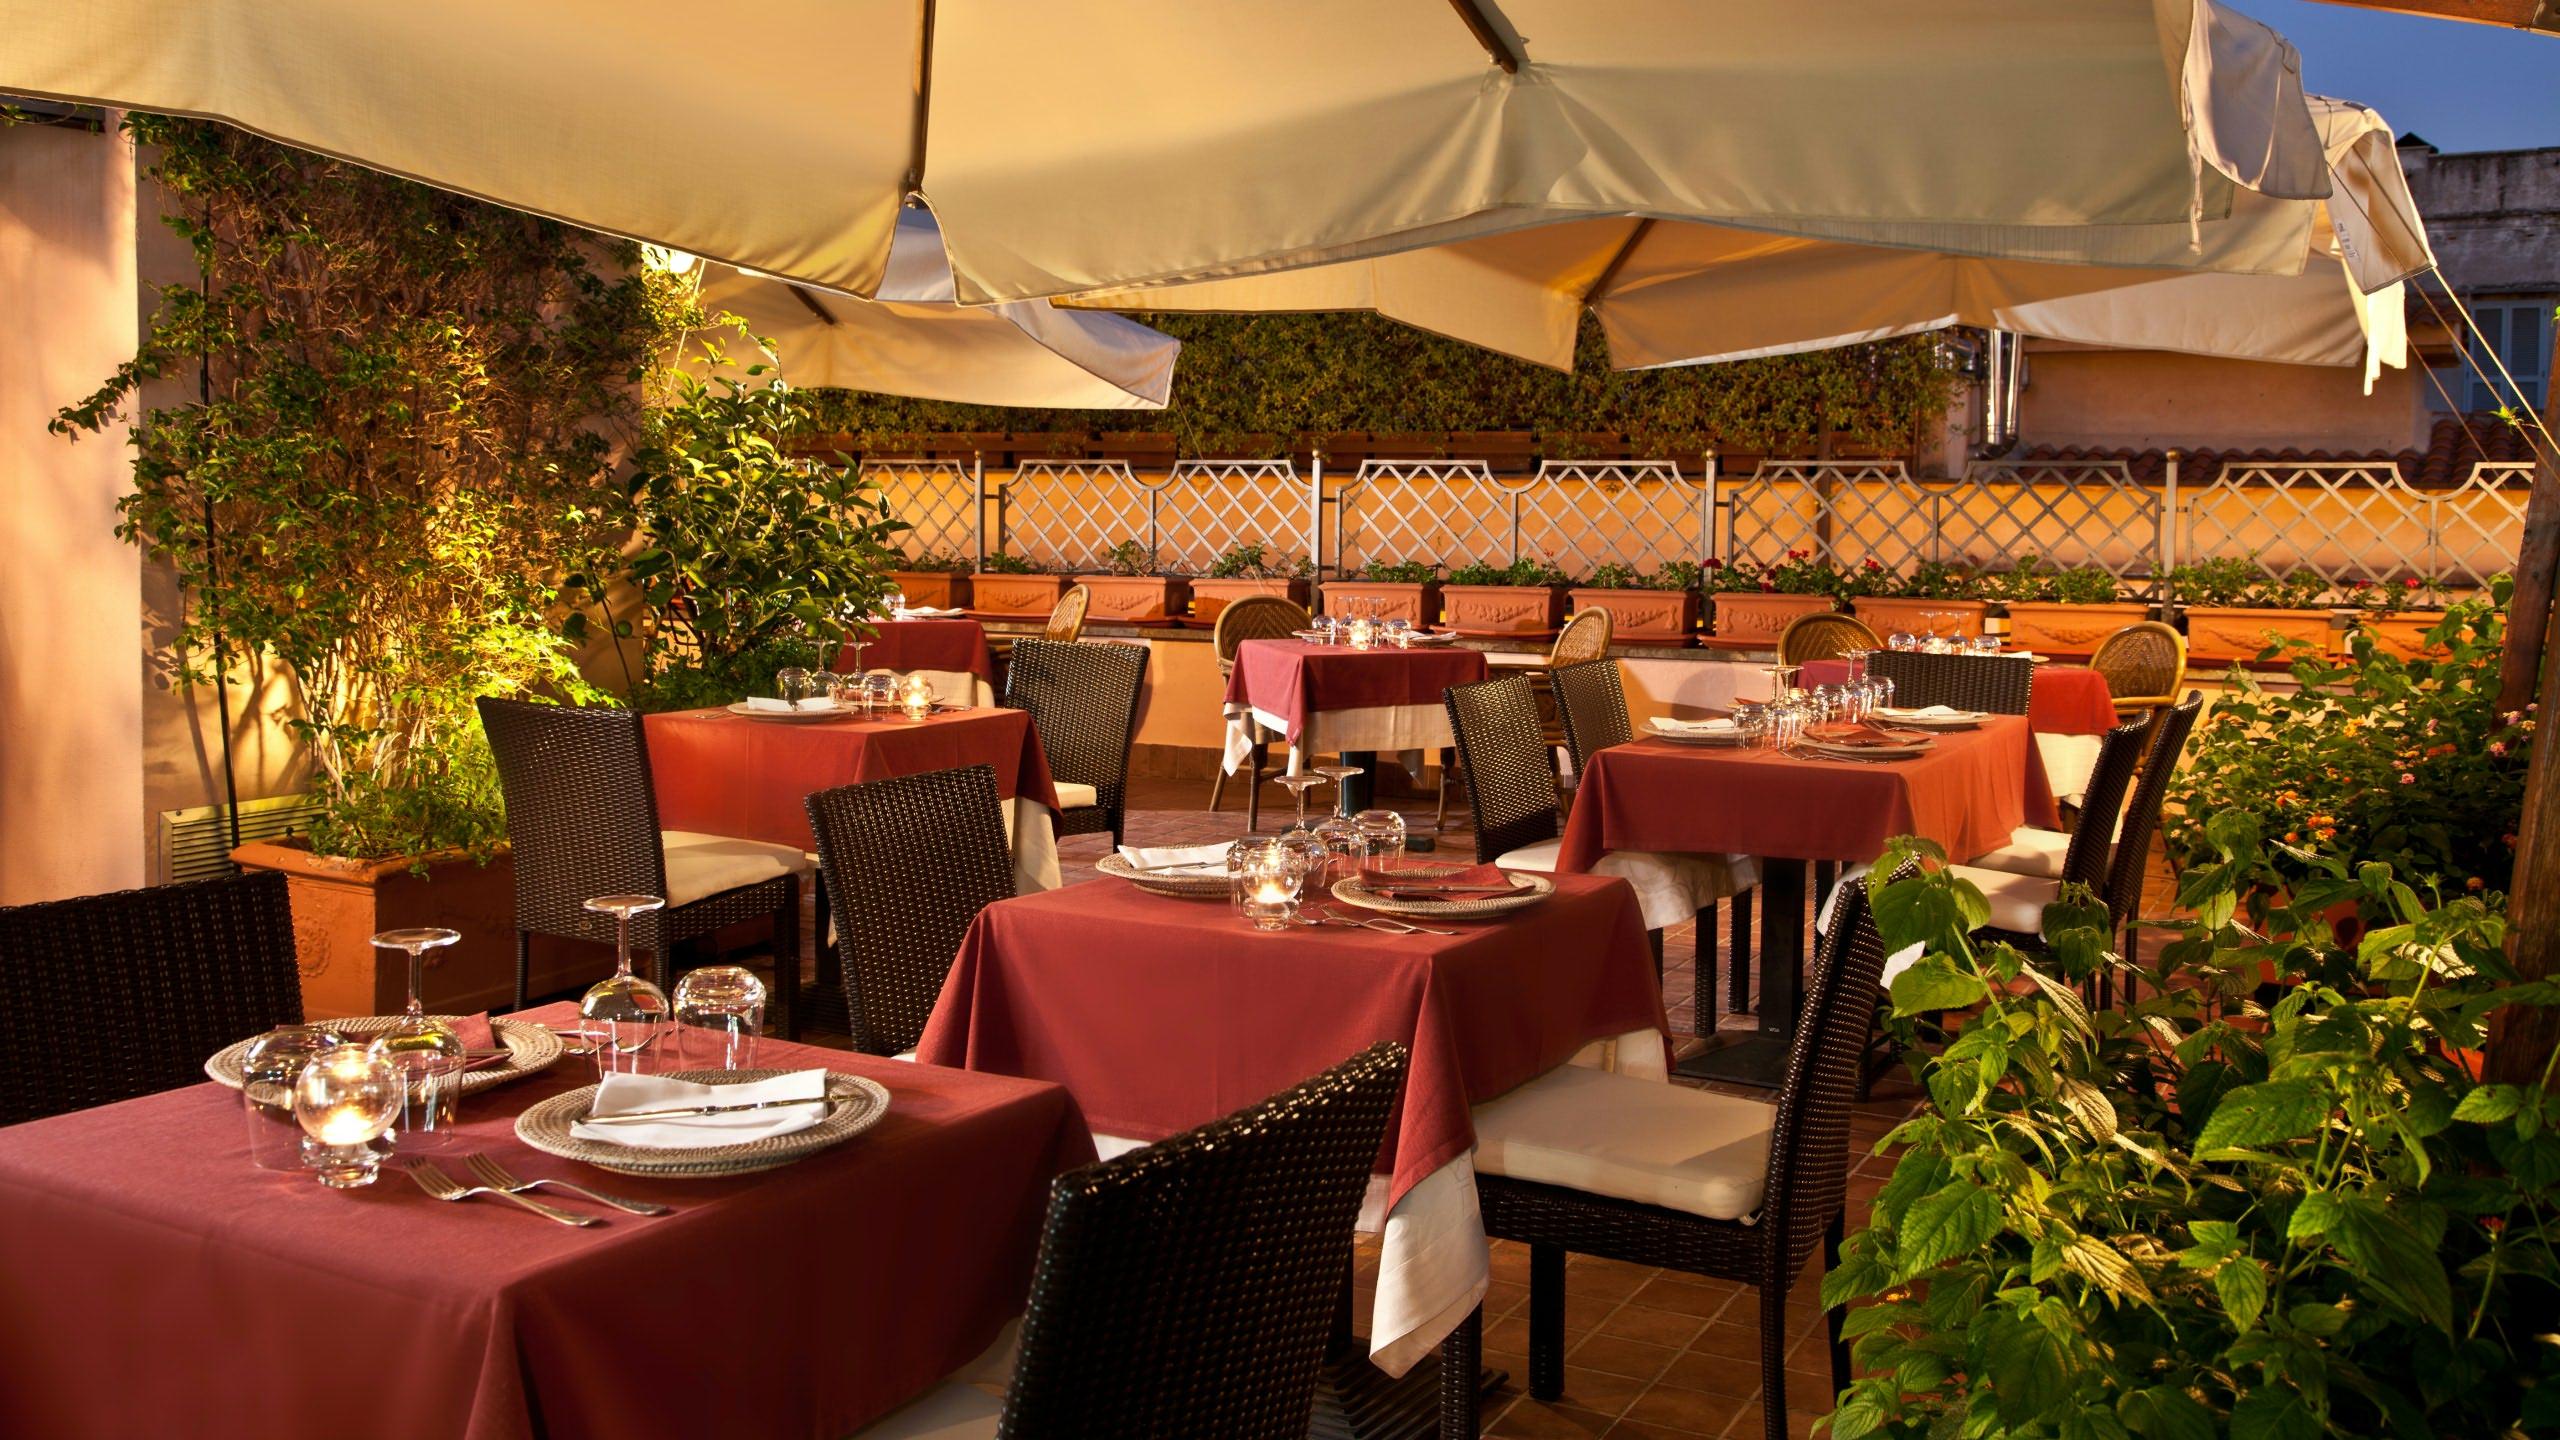 albergo-ottocento-rome-terrasse-04